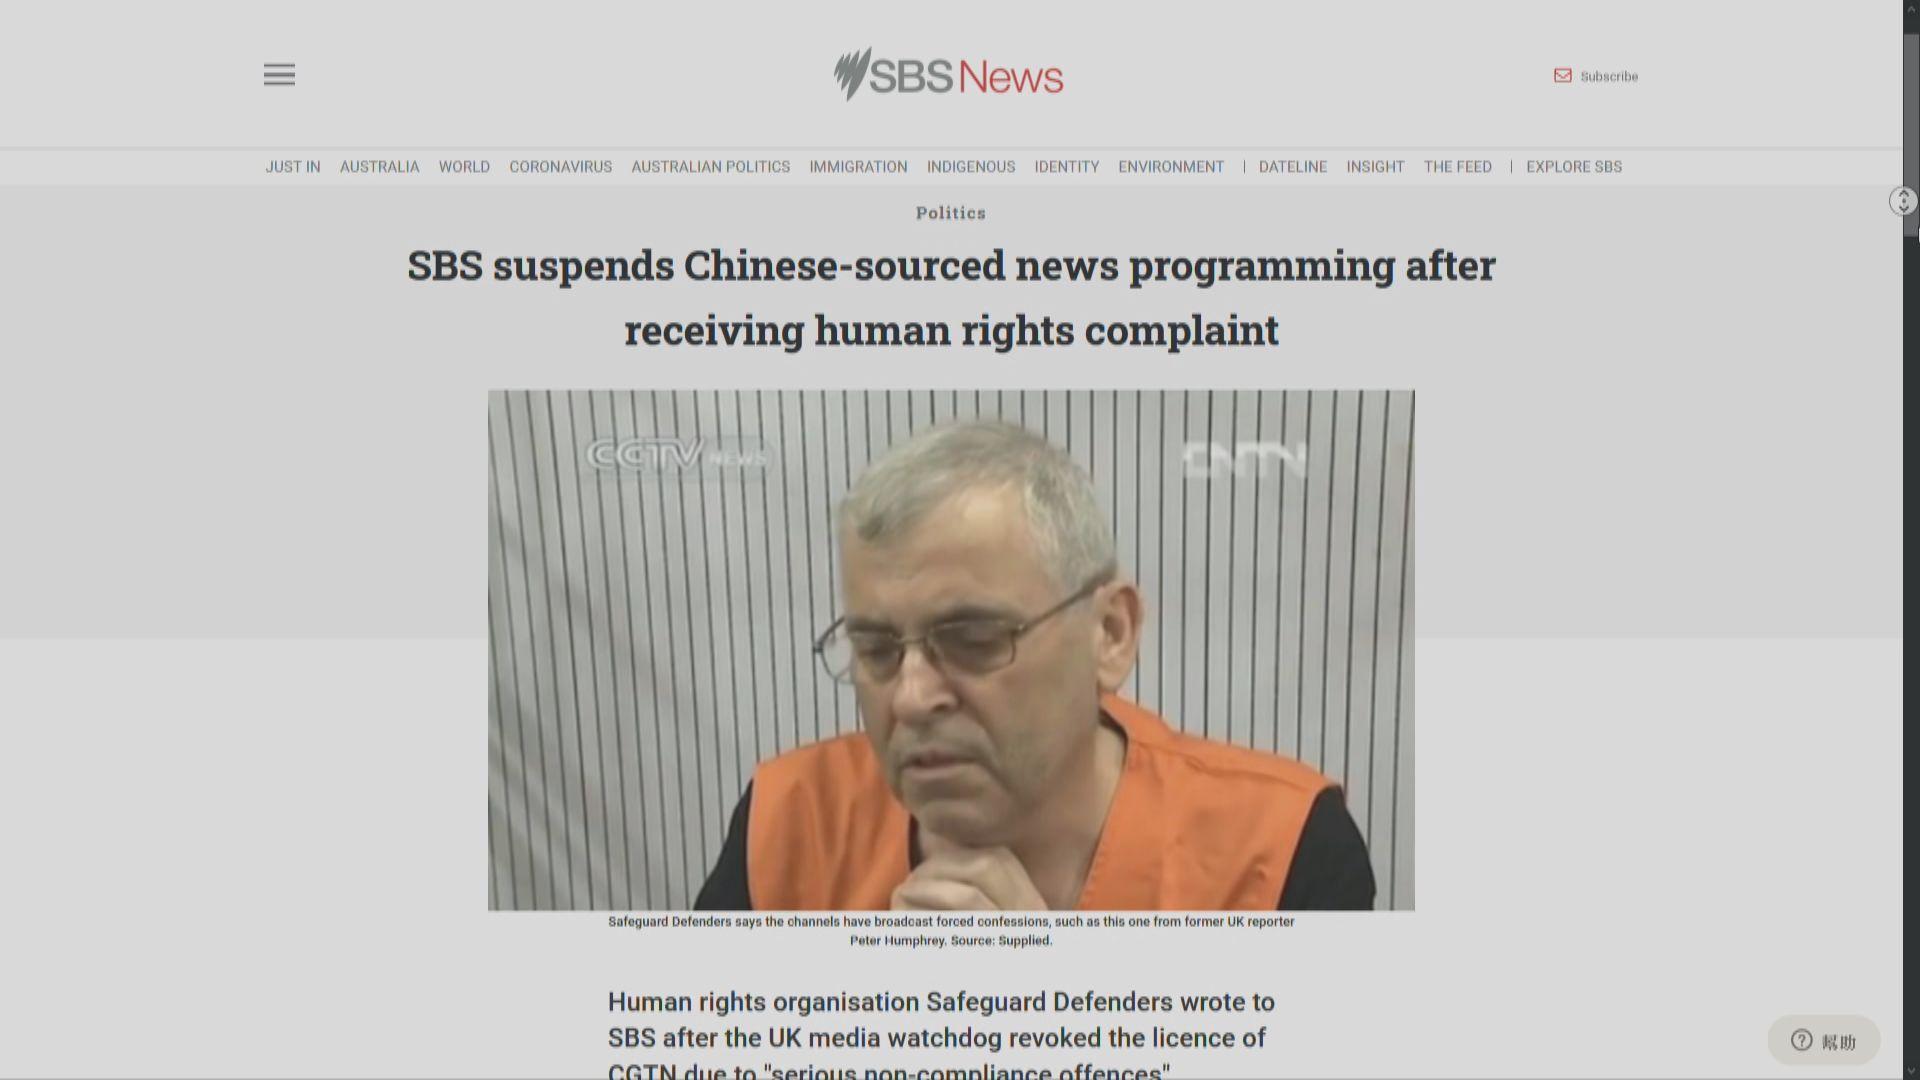 澳洲SBS電視台停播央視新聞節目 中方:政治迫害